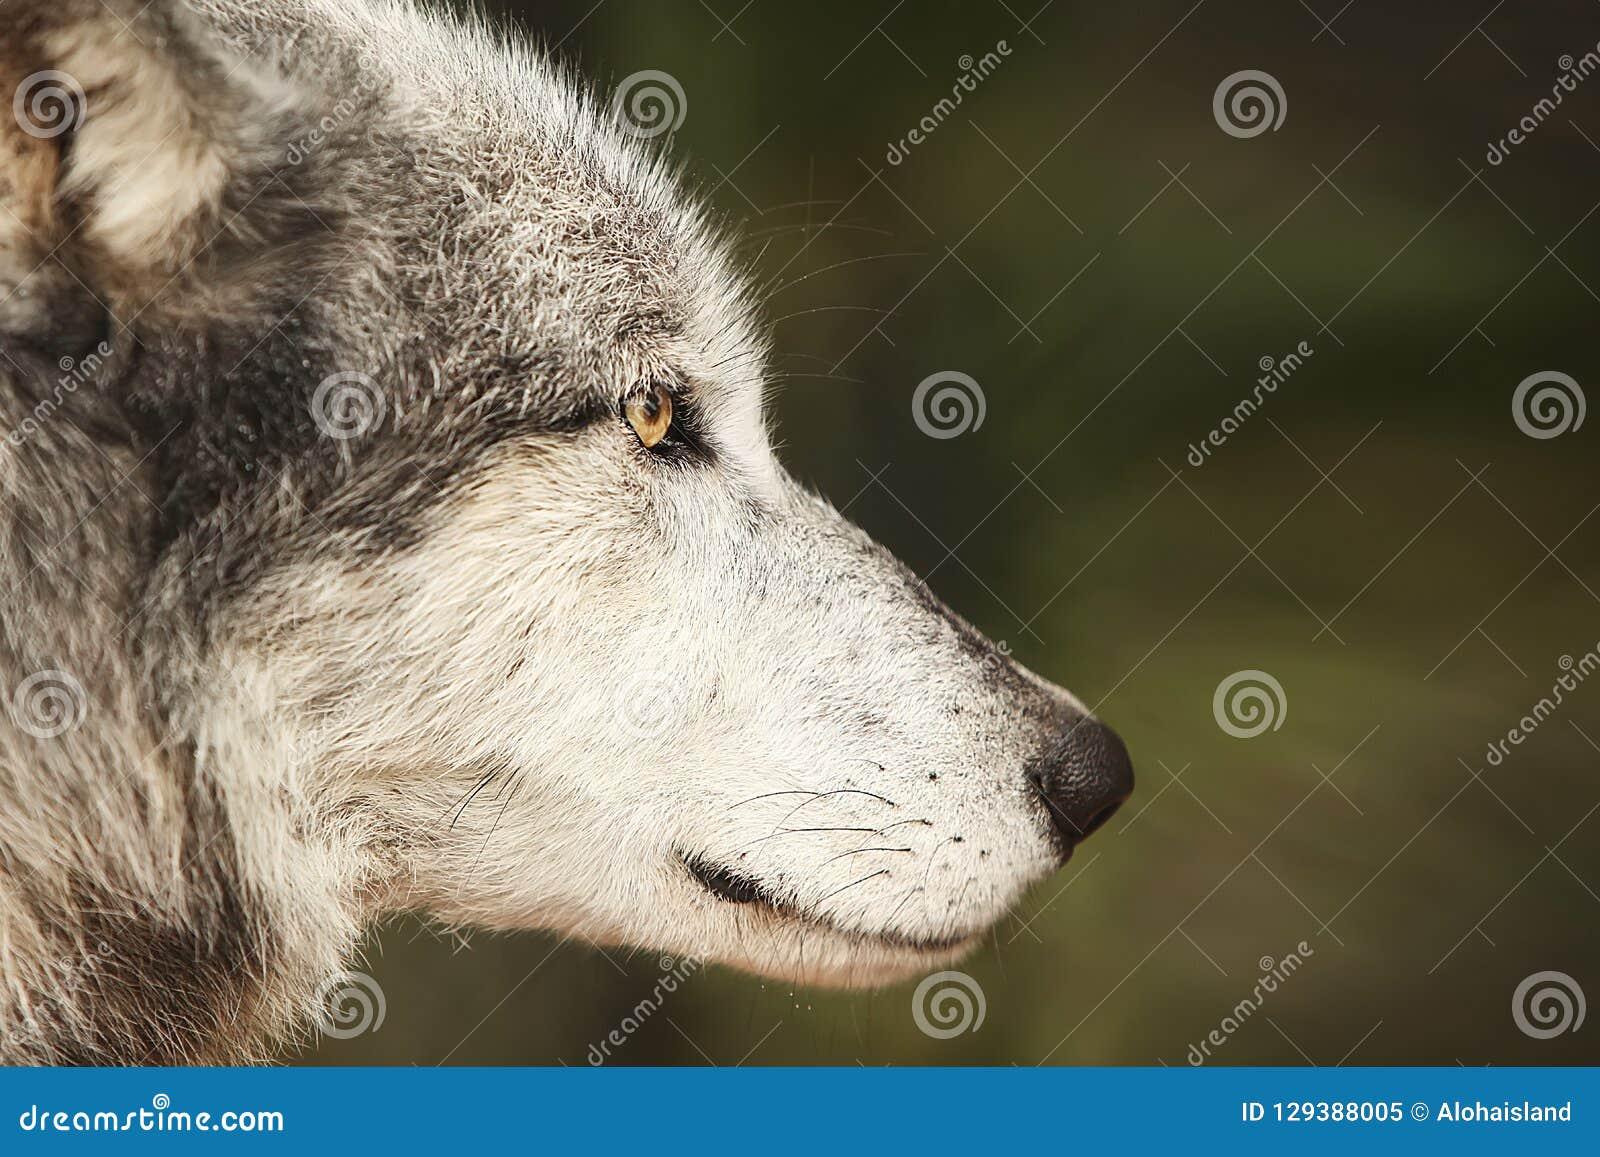 灰狼外形数字照片背景